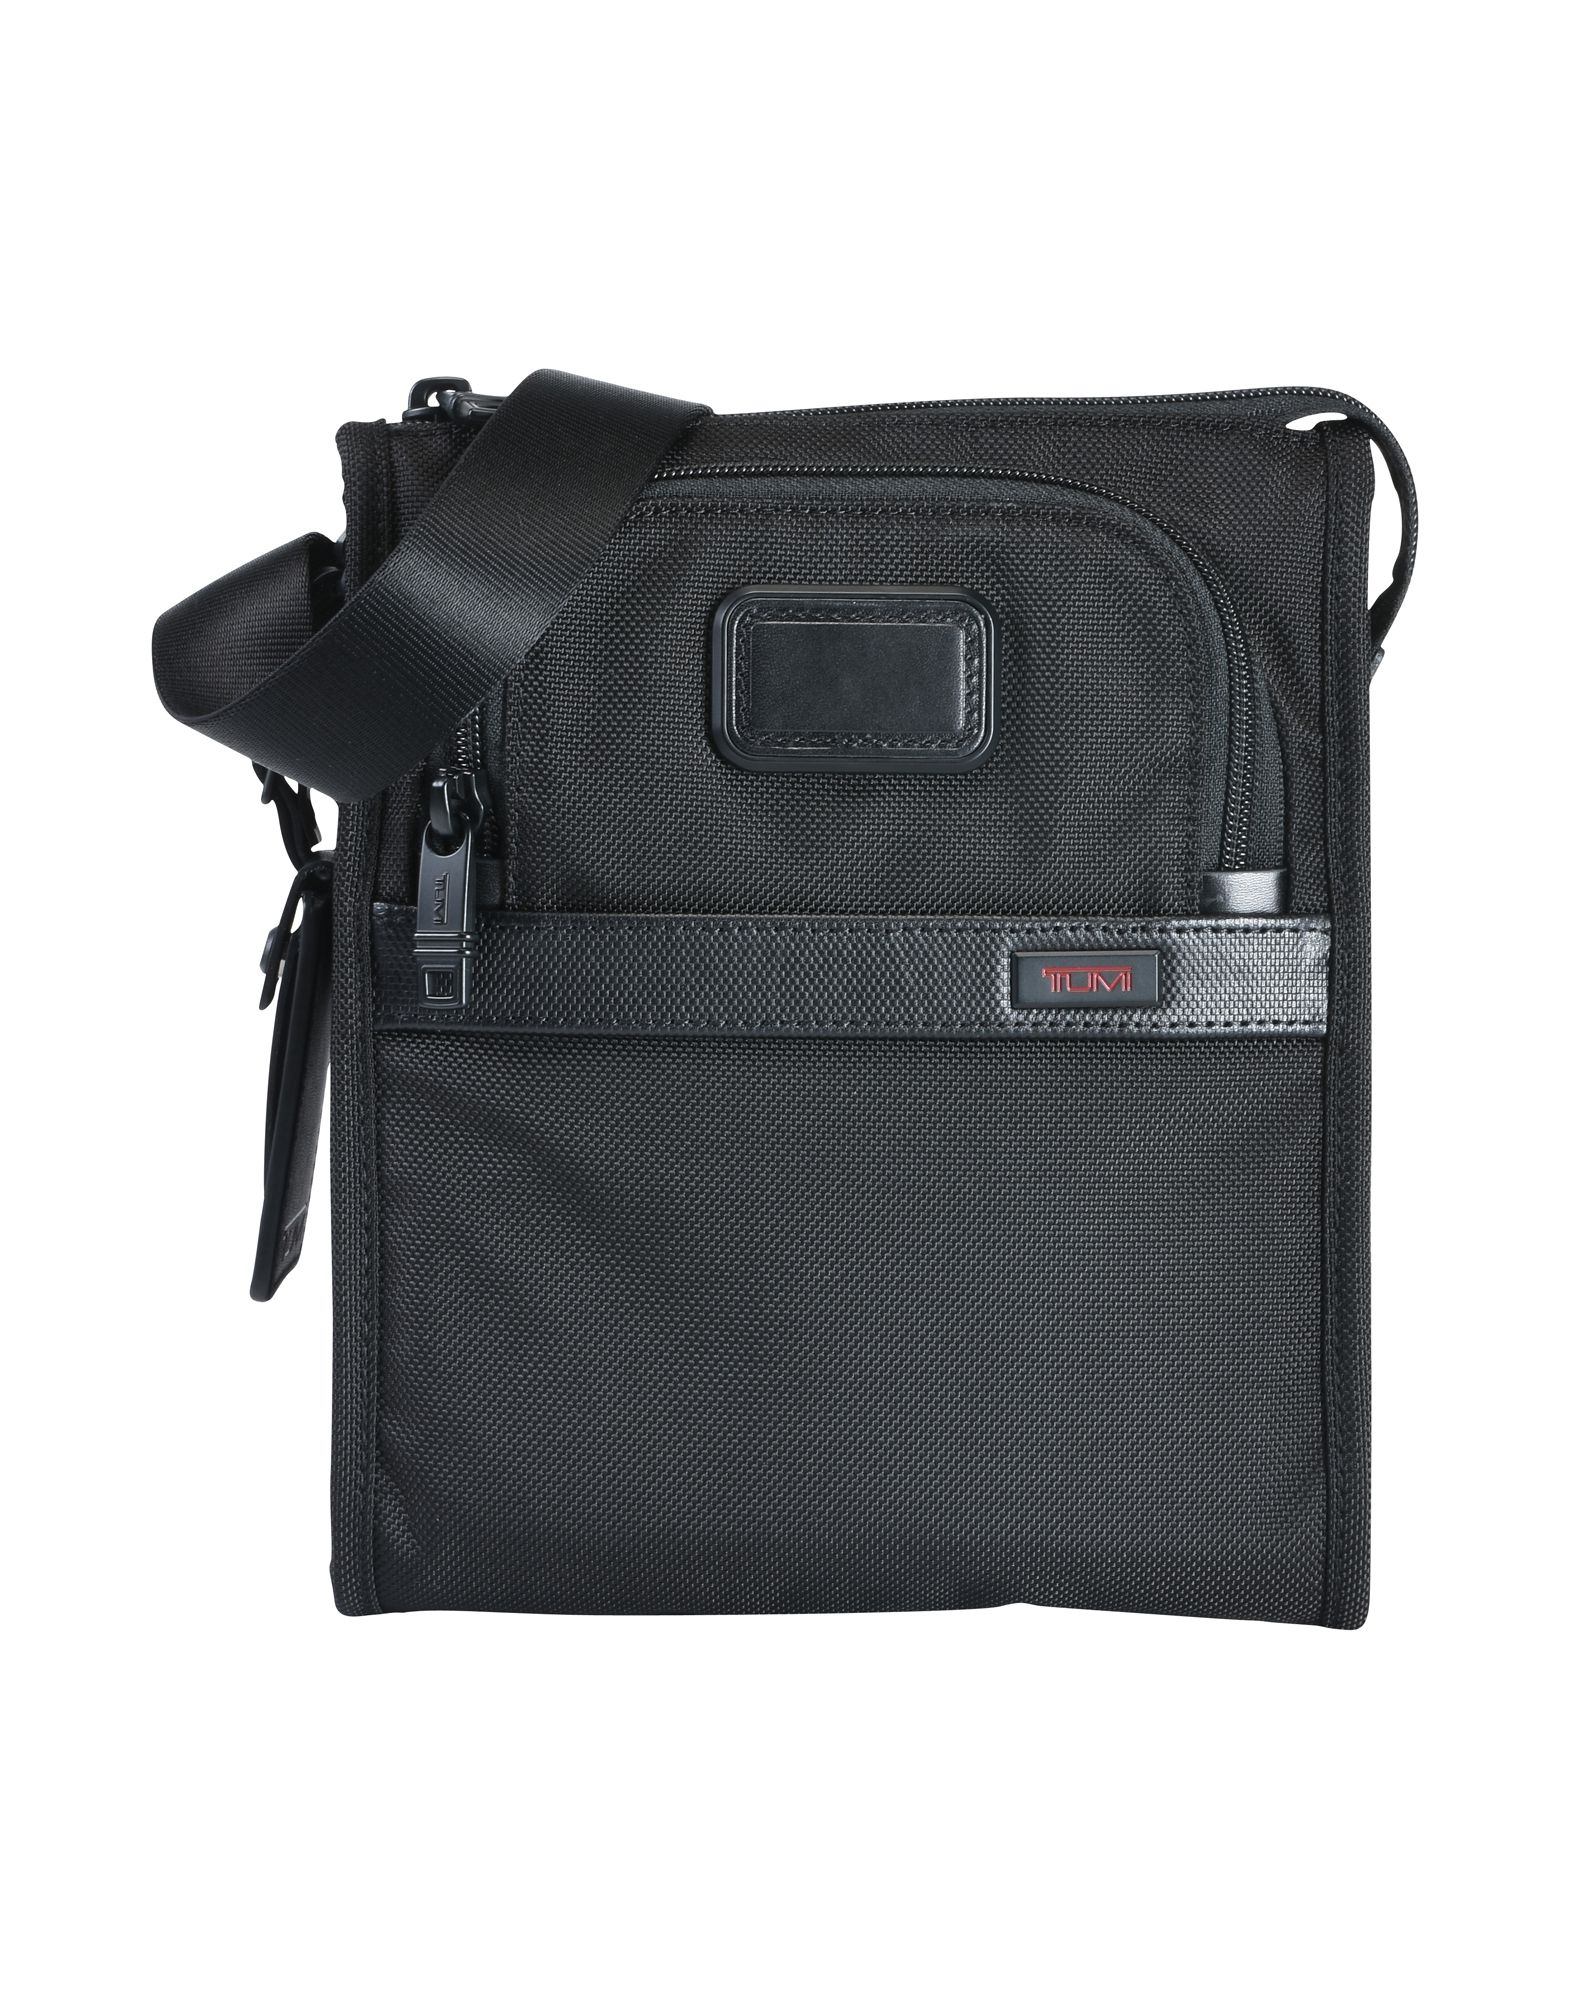 Borsa A Tracolla Tumi Pocket Bag Small - Uomo - Acquista online su